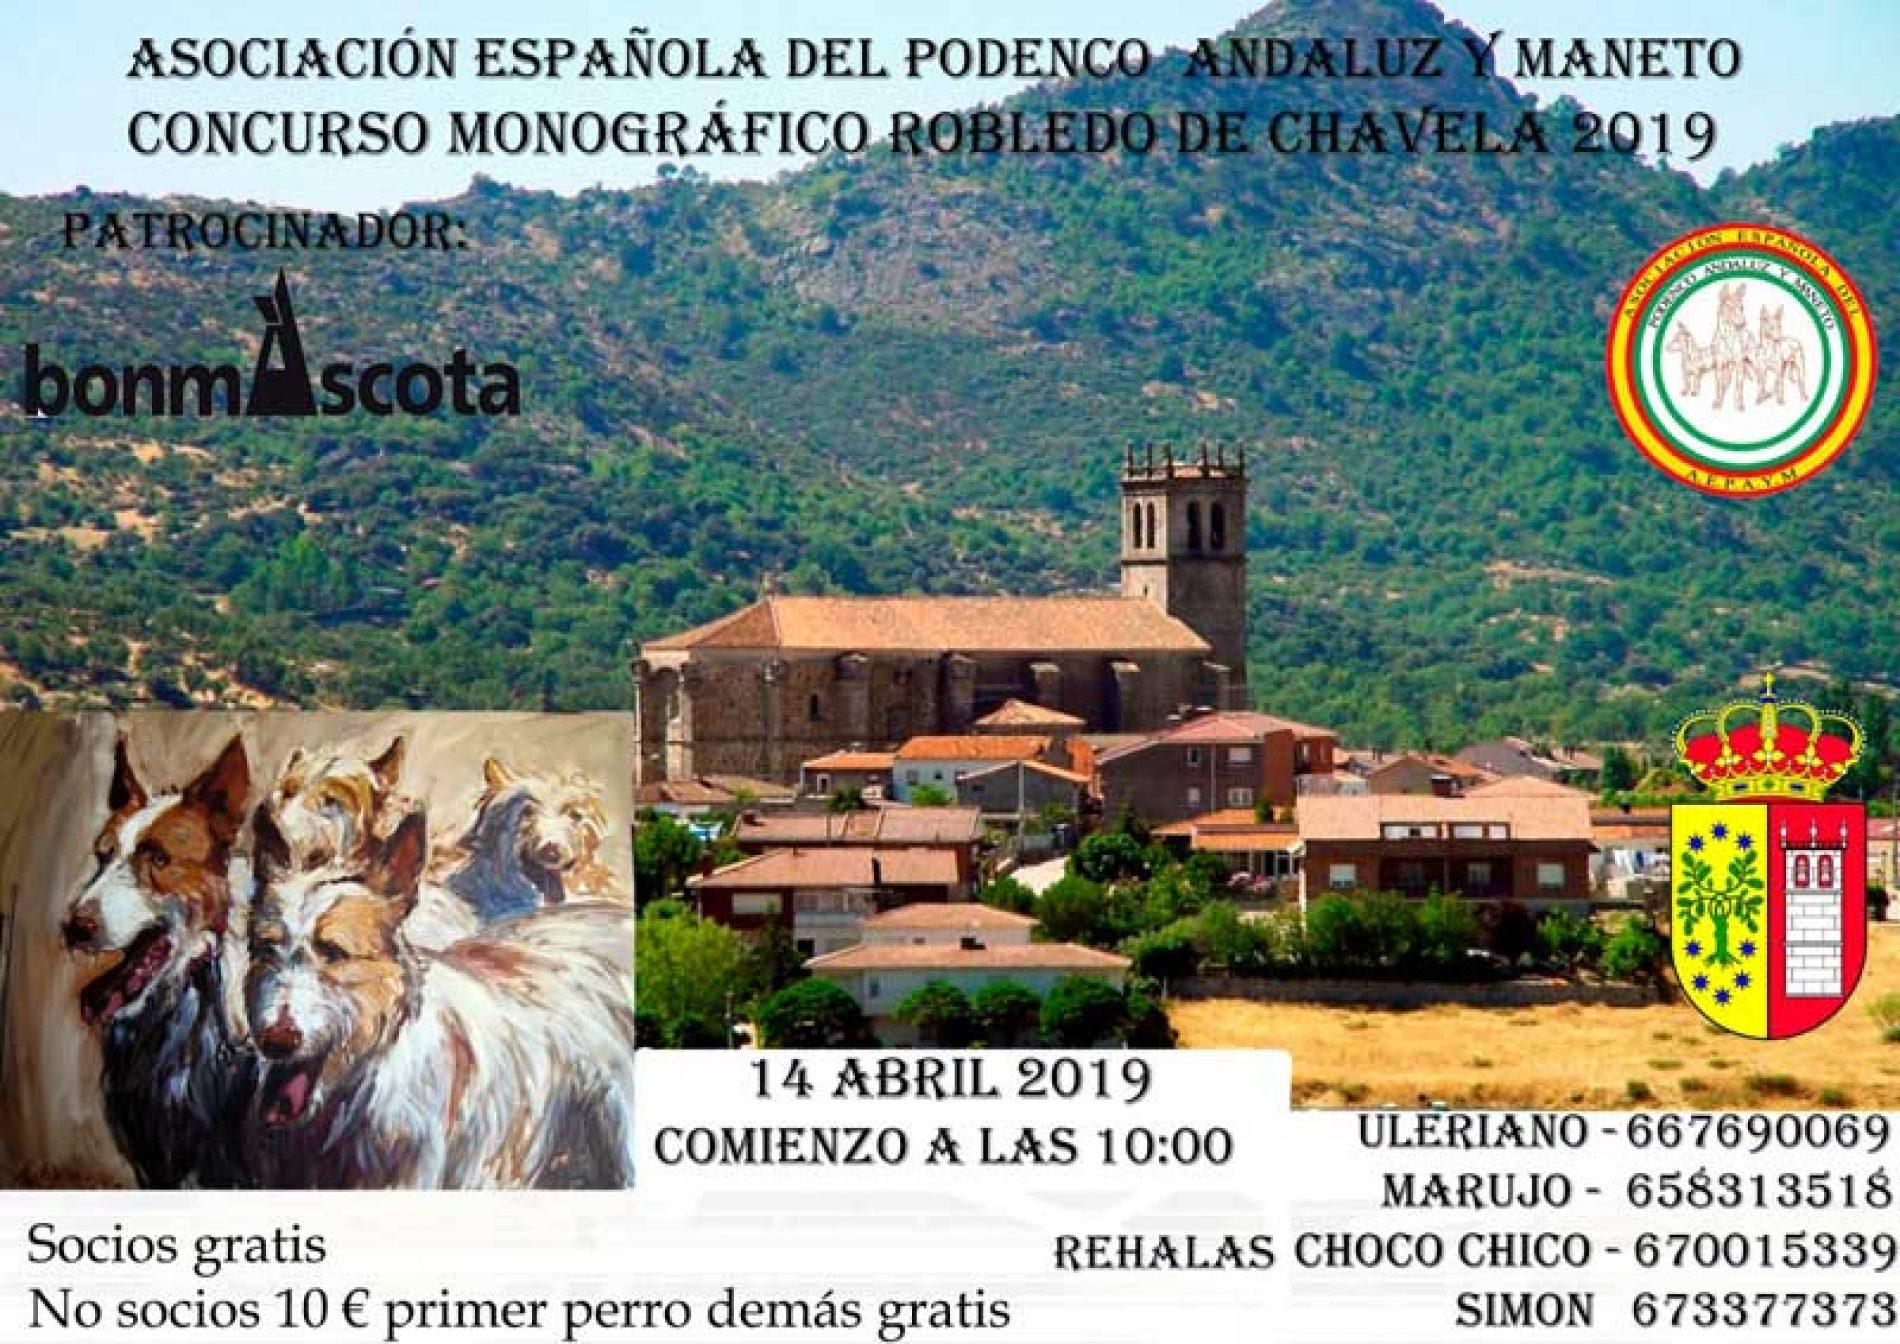 Inscríbete ya en el Concurso Monográfico del Podenco Andaluz y Maneto